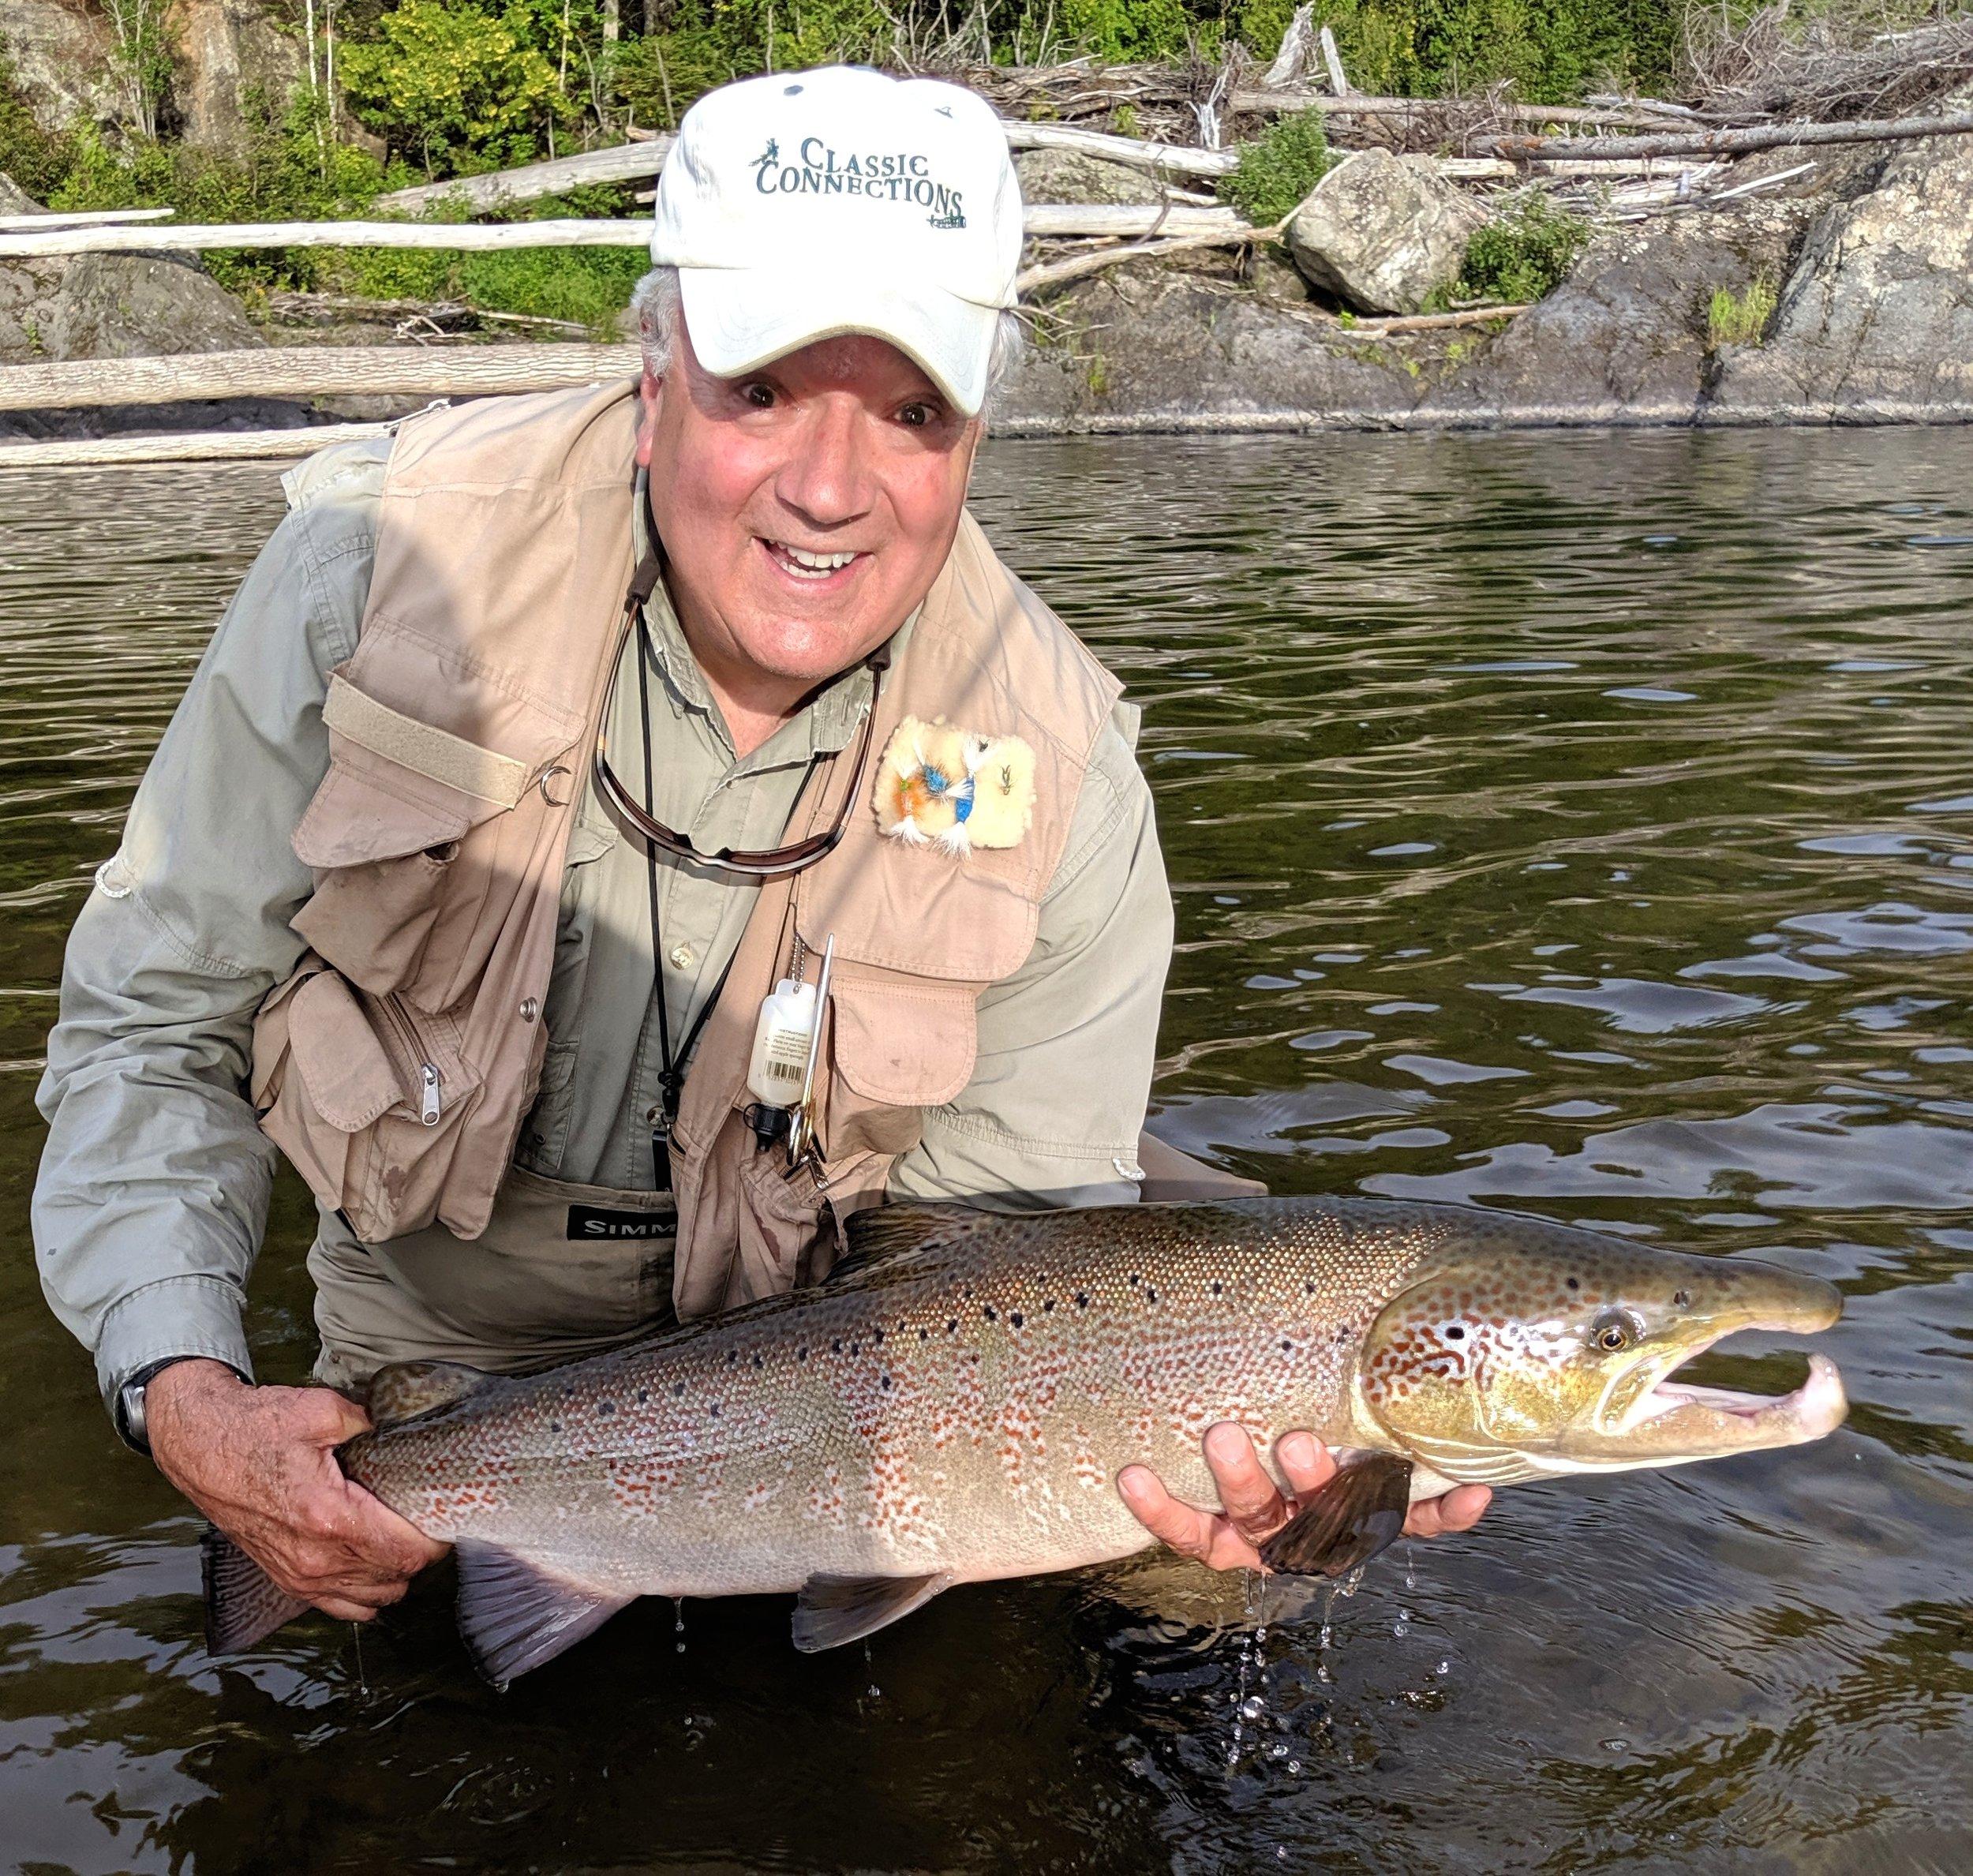 Notre bon ami, Tom Ackerman, remet à l'eau ce magnifique saumon capturé dans la Cascapédia.